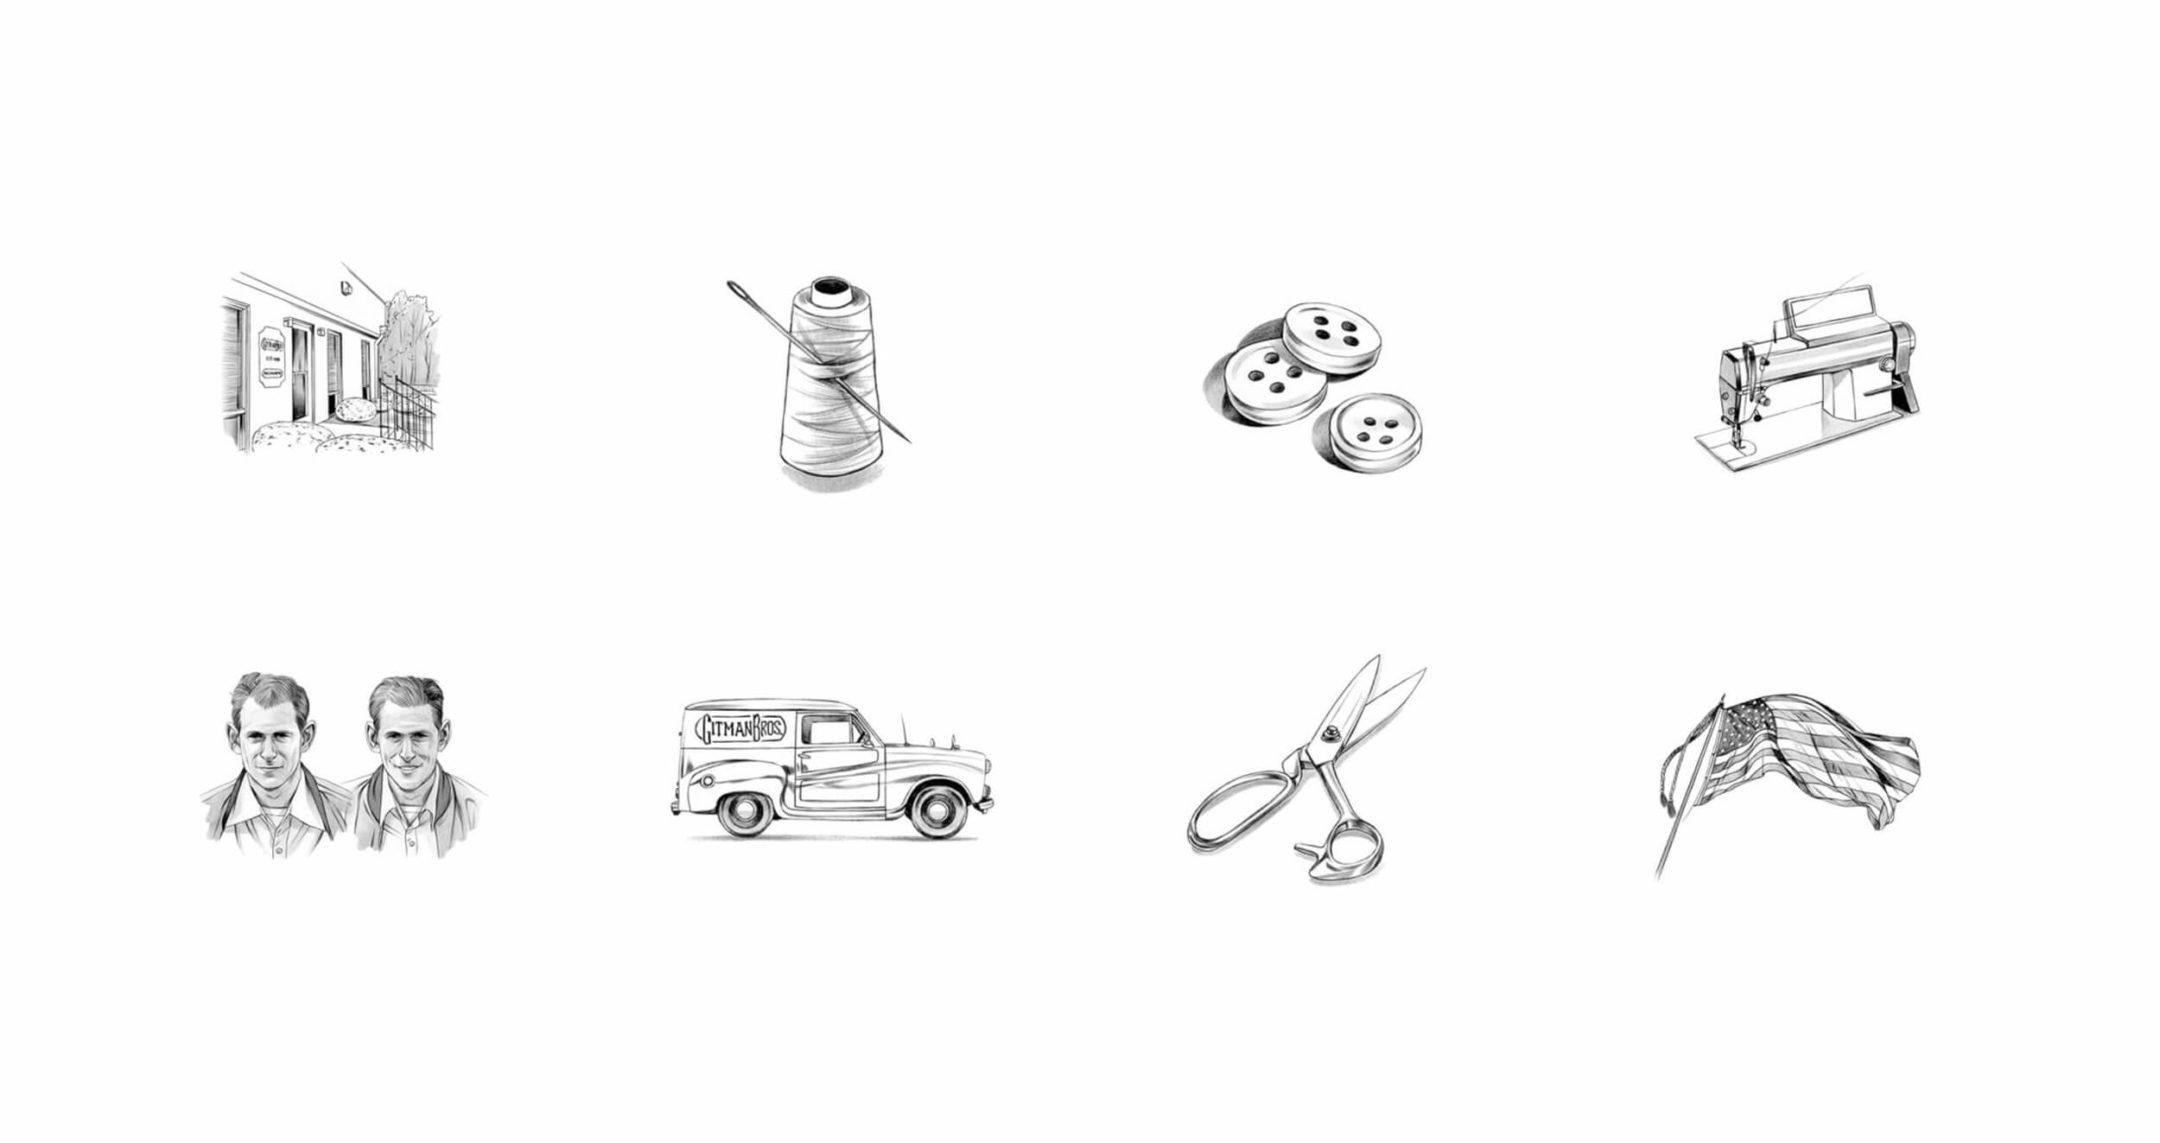 illustrations for gitmans bros